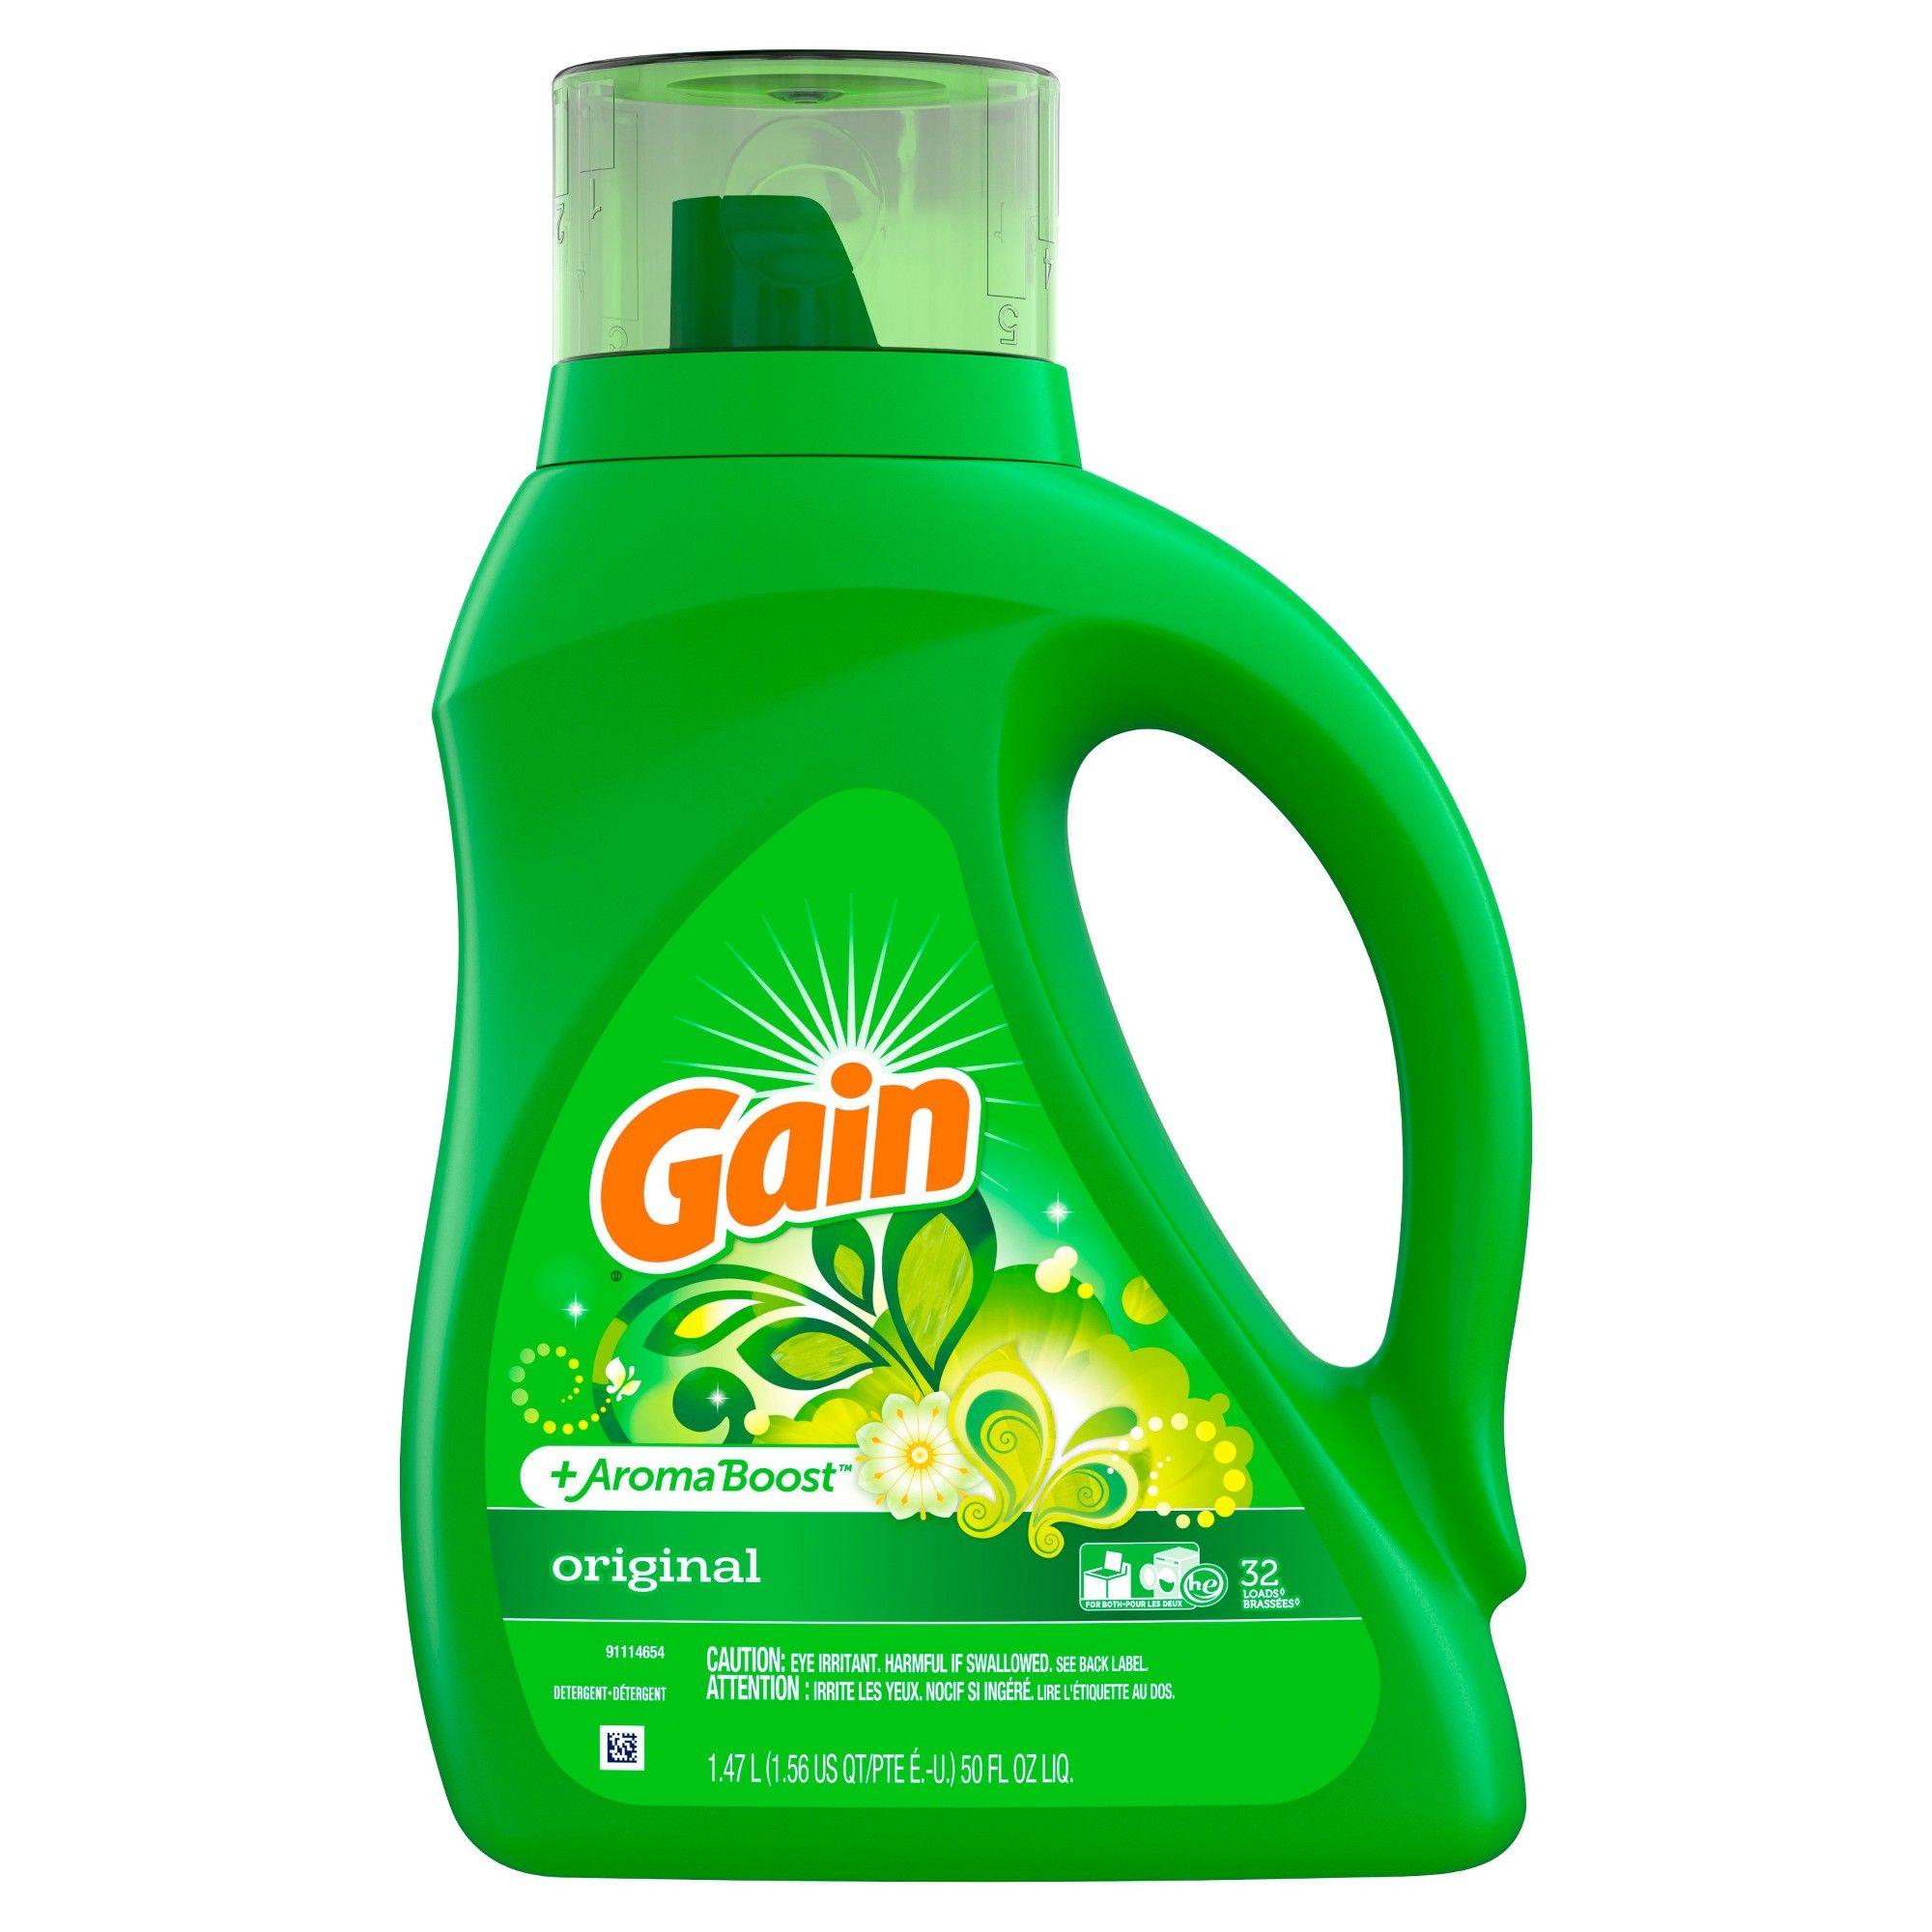 Gain Hec Original Liquid Laundry Detergent 50oz In 2020 Liquid